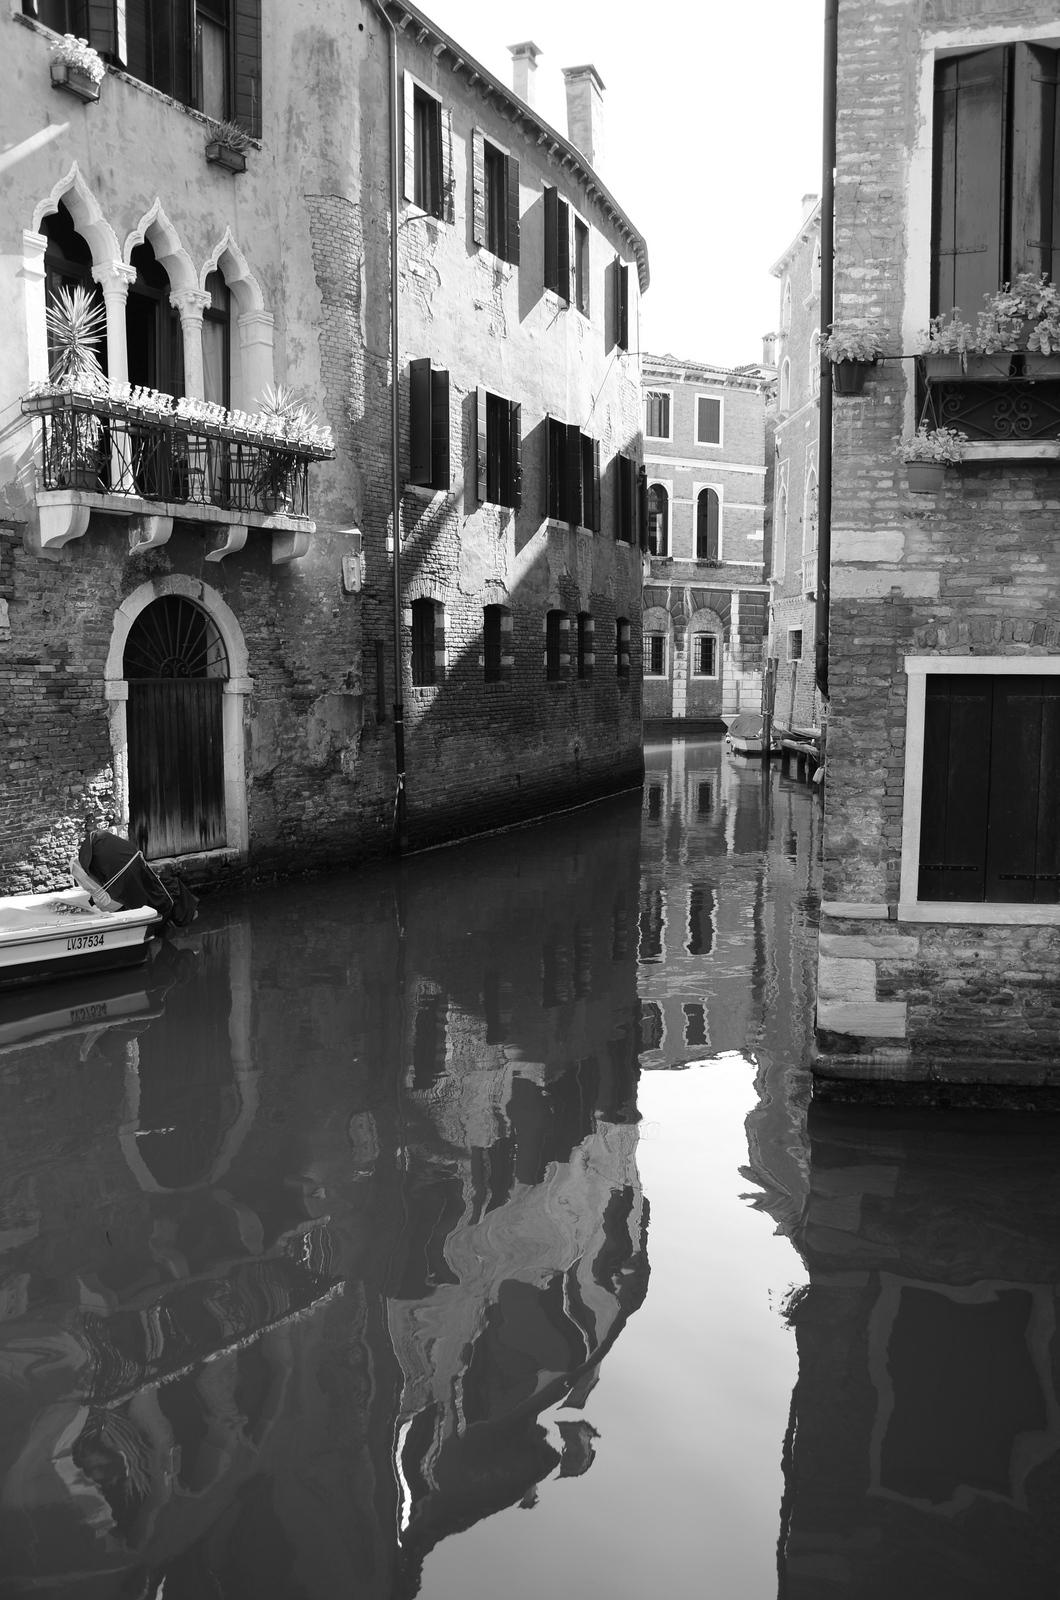 Venice in B & W follows...